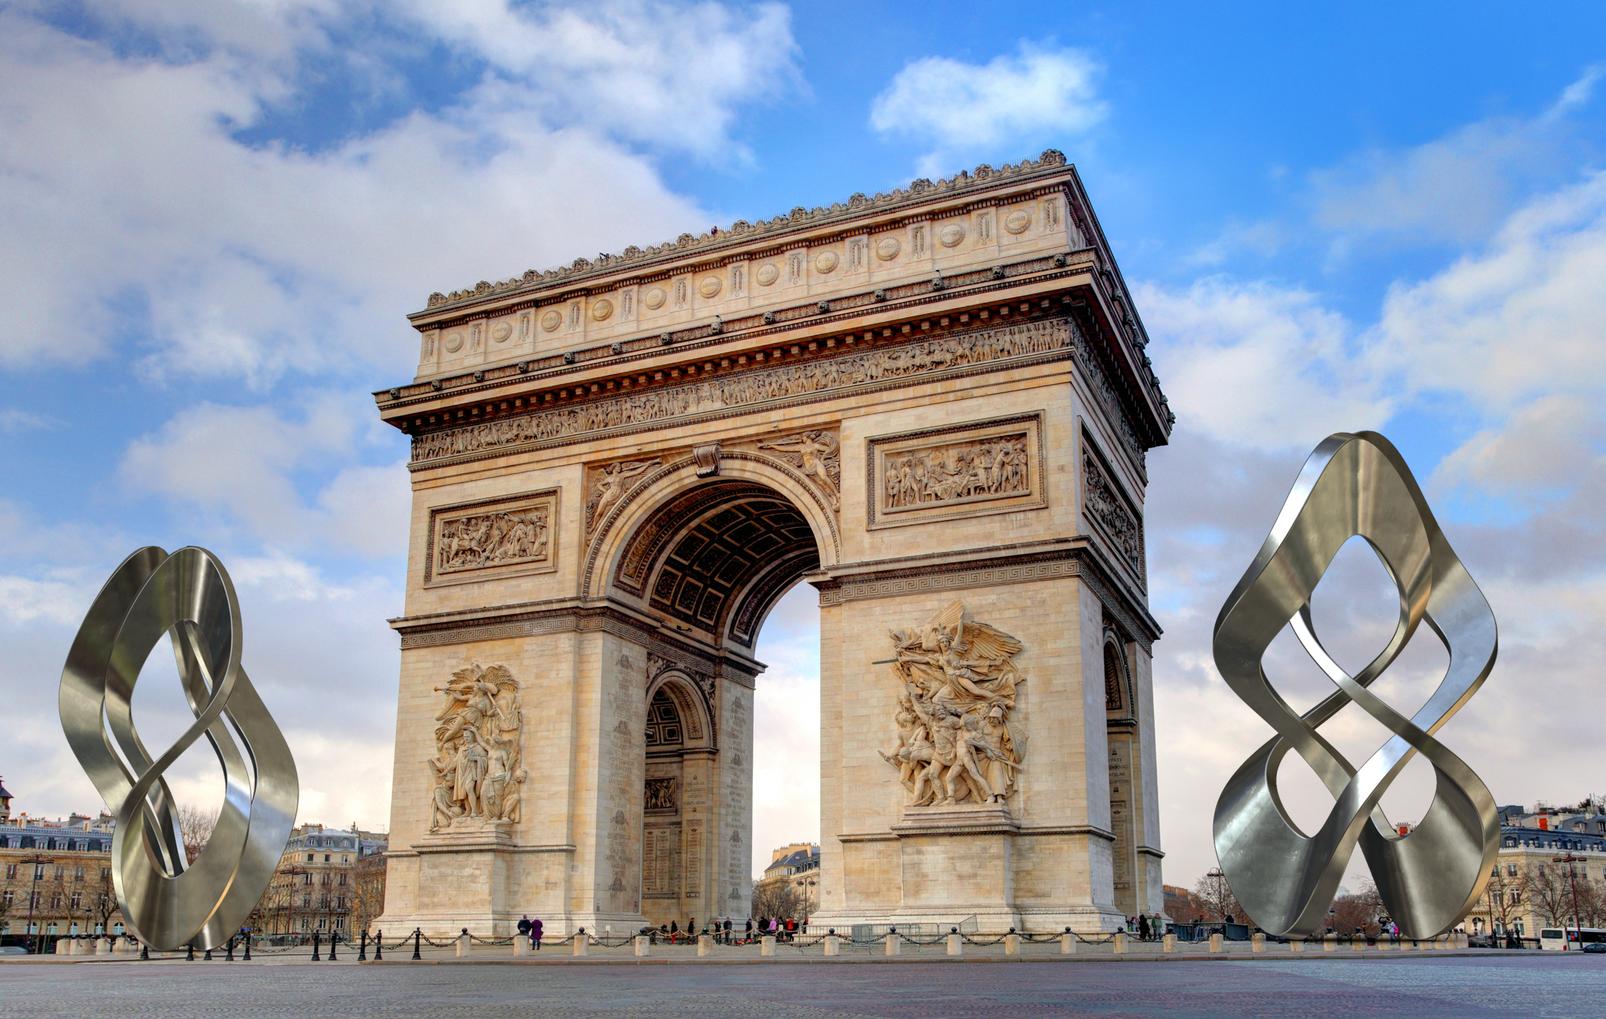 Paris France | Arc de Triomphe